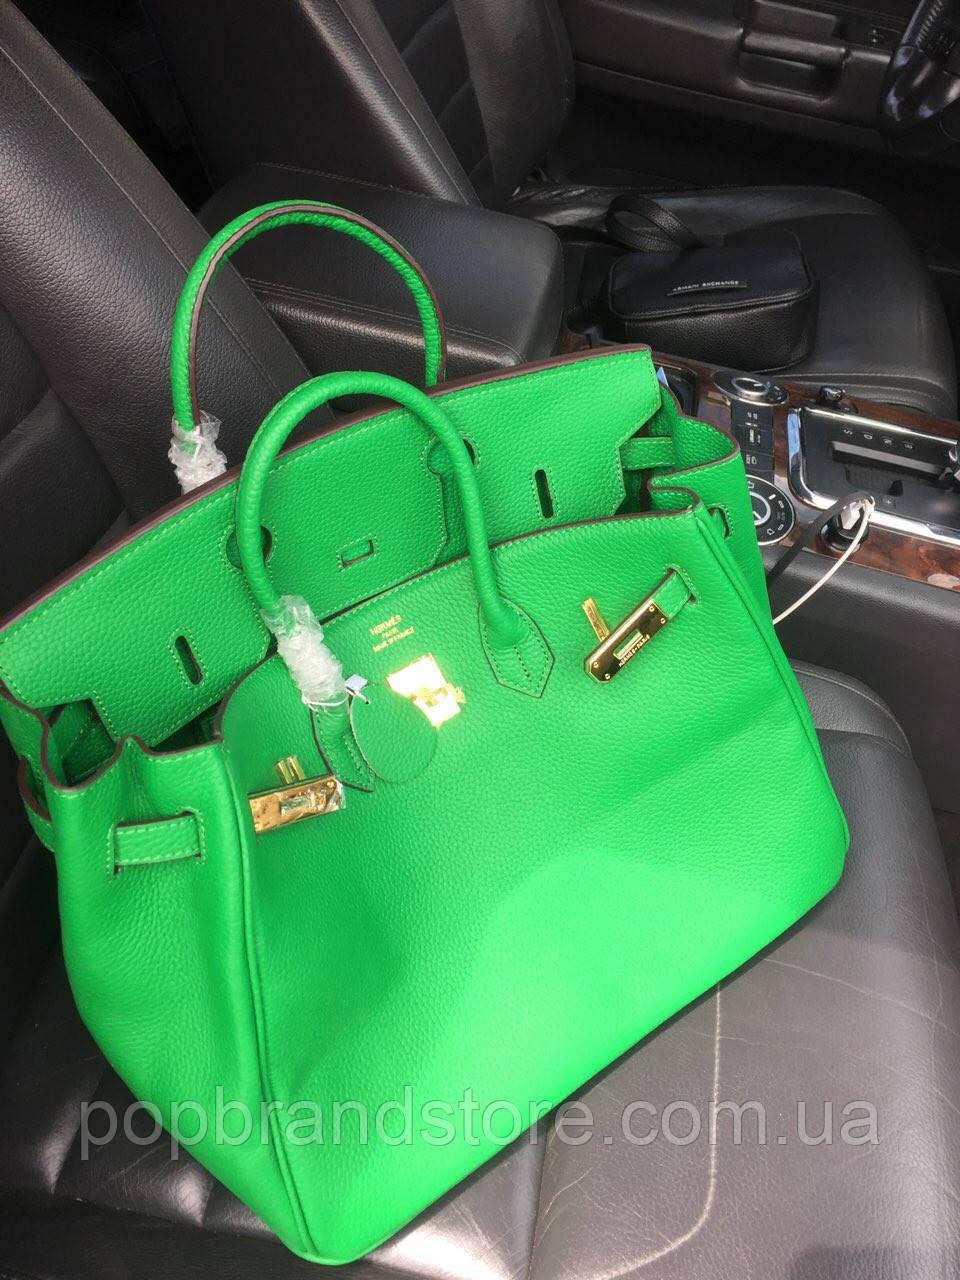 6c6e780d7f59 Роскошная женская сумка Гермес Келли 35 см зеленая (реплика ...